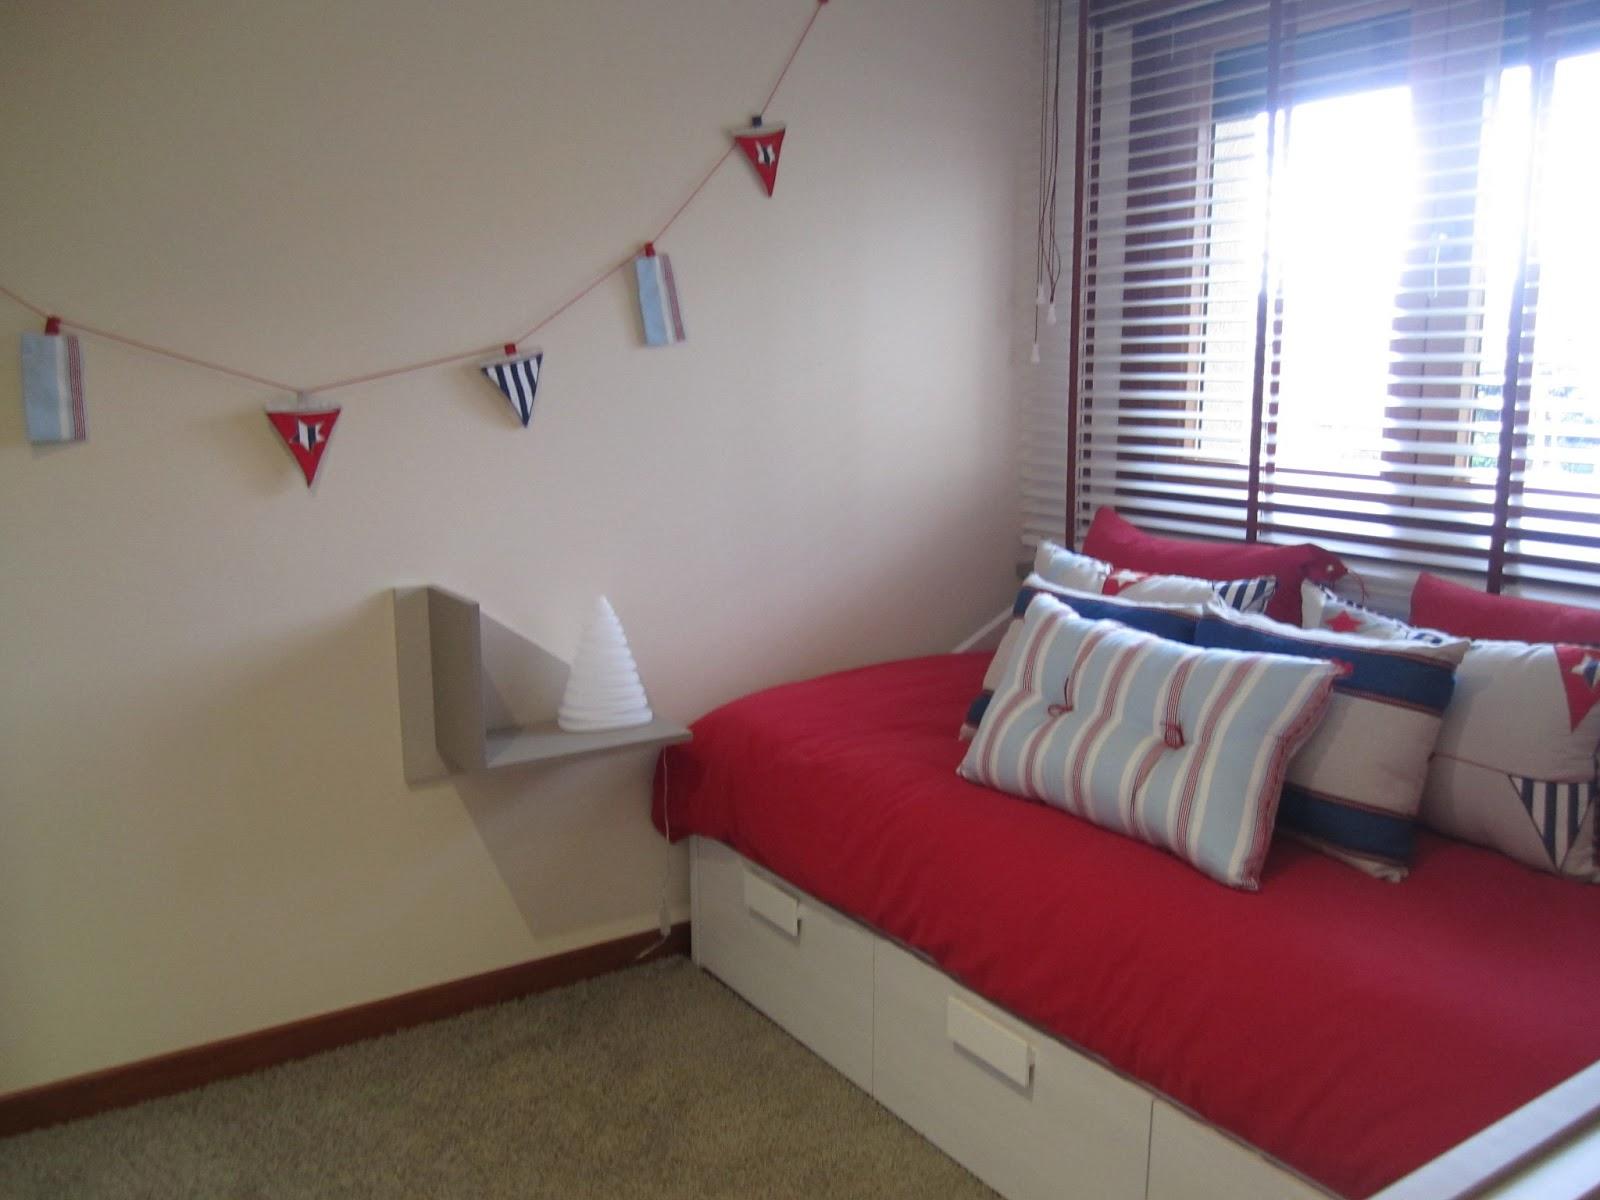 Catre decoraci n los colores alegran el dormitorio for Decoracion vigo